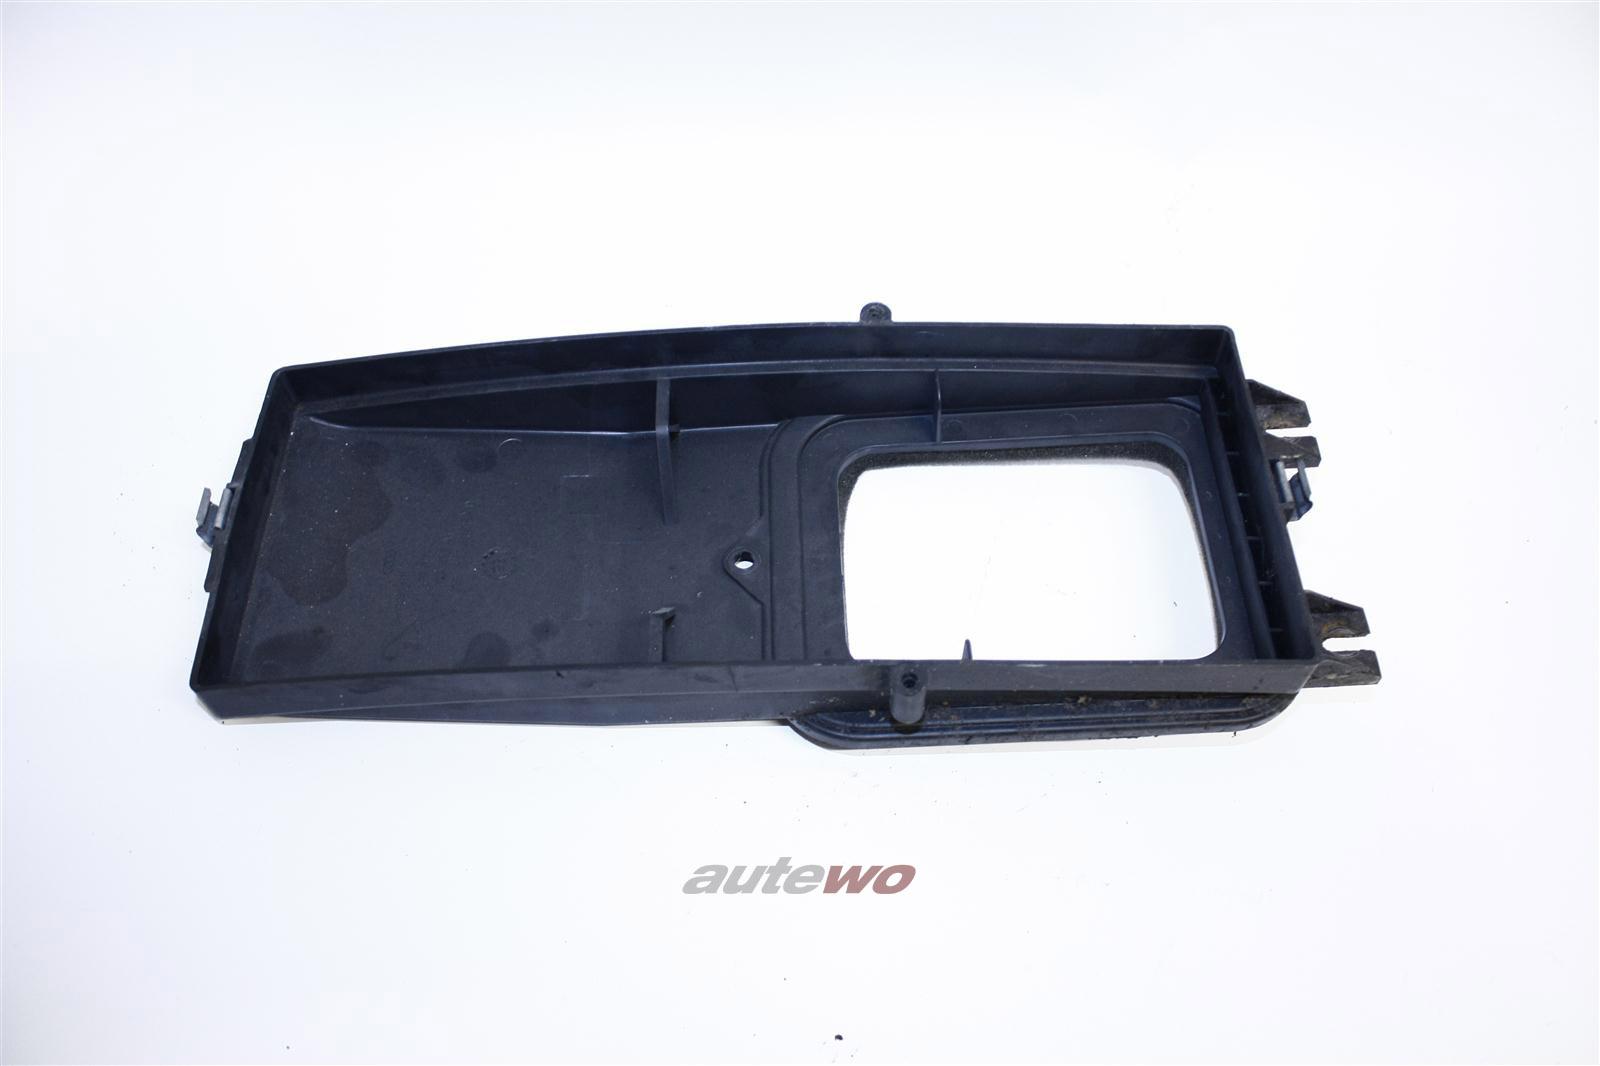 Audi A4 B5 Rahmen/Halter Pollenfilter 8D0819441E 8D0819441A